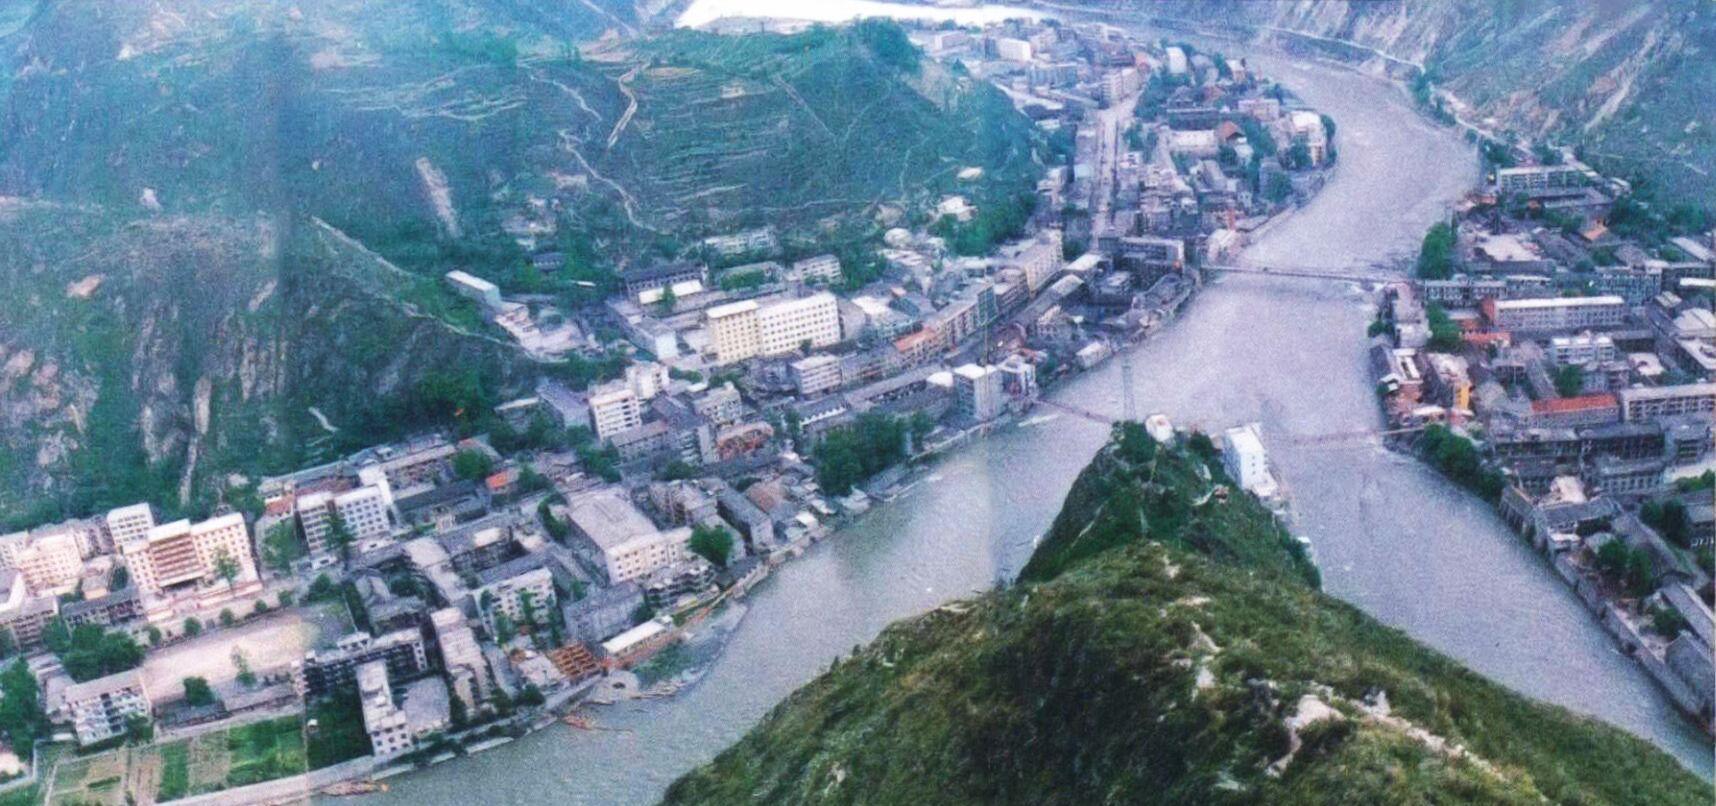 记忆中的汶川,不随时间流逝而消失,一组汶川旧照,祝福汶川